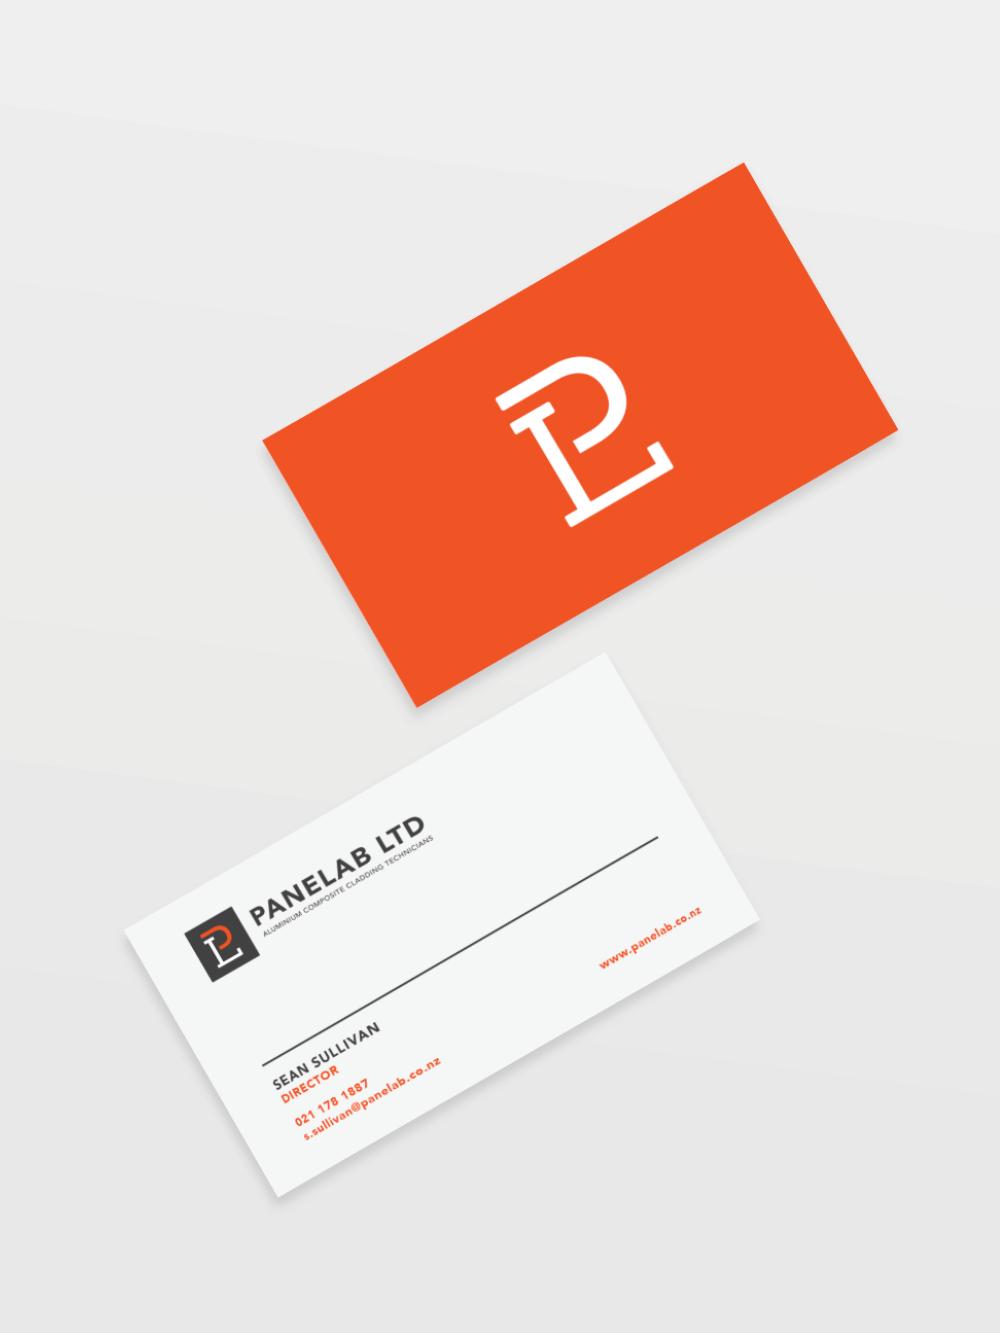 Panelab_branding_05.png